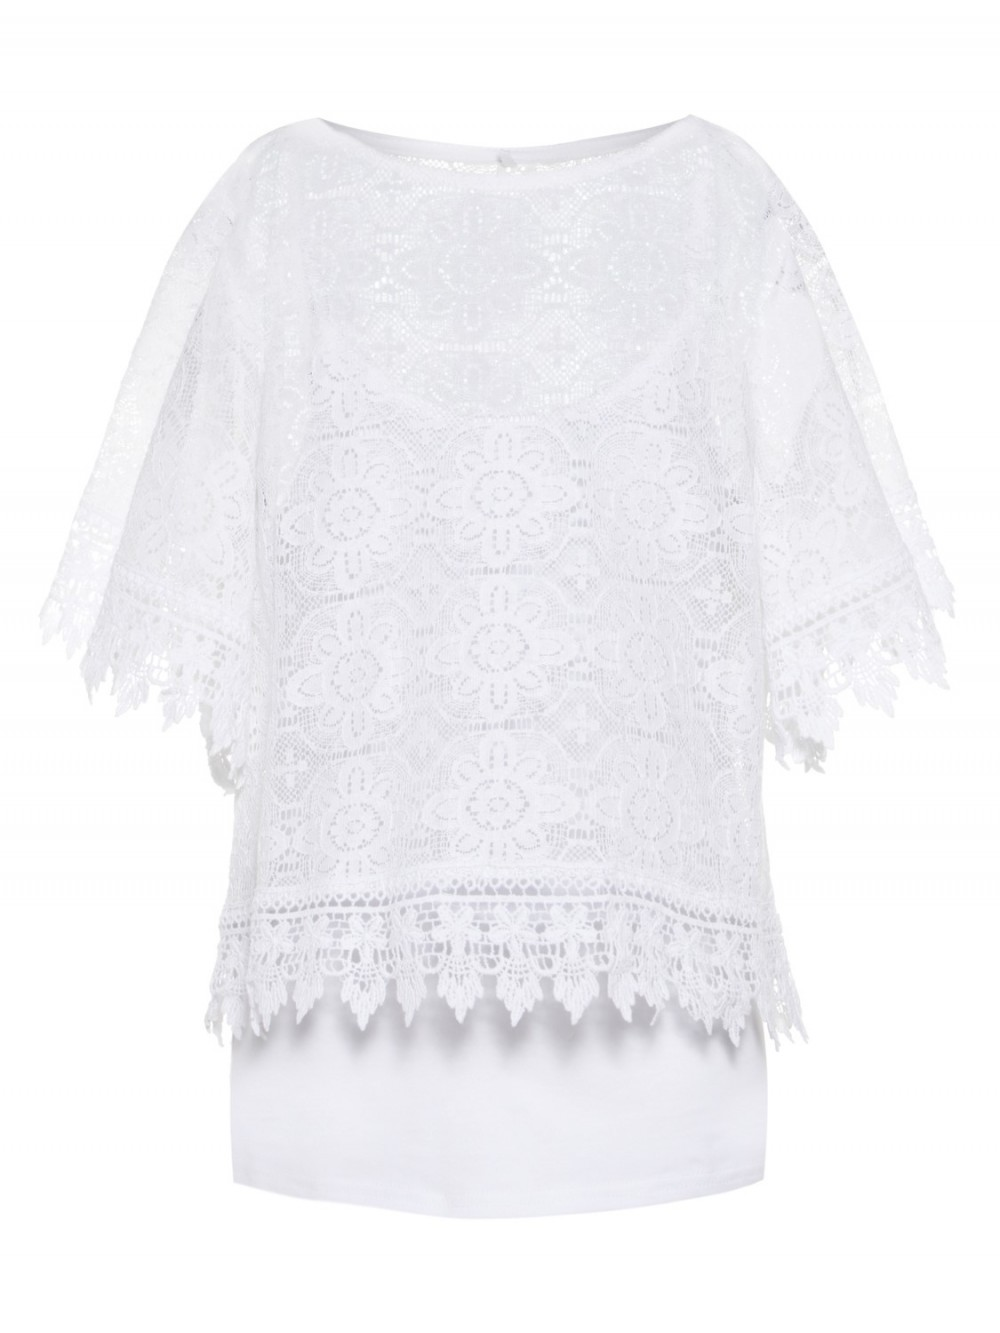 b74f107a T-skjorter Hvit blondetopp med korte armer – Mio Trend